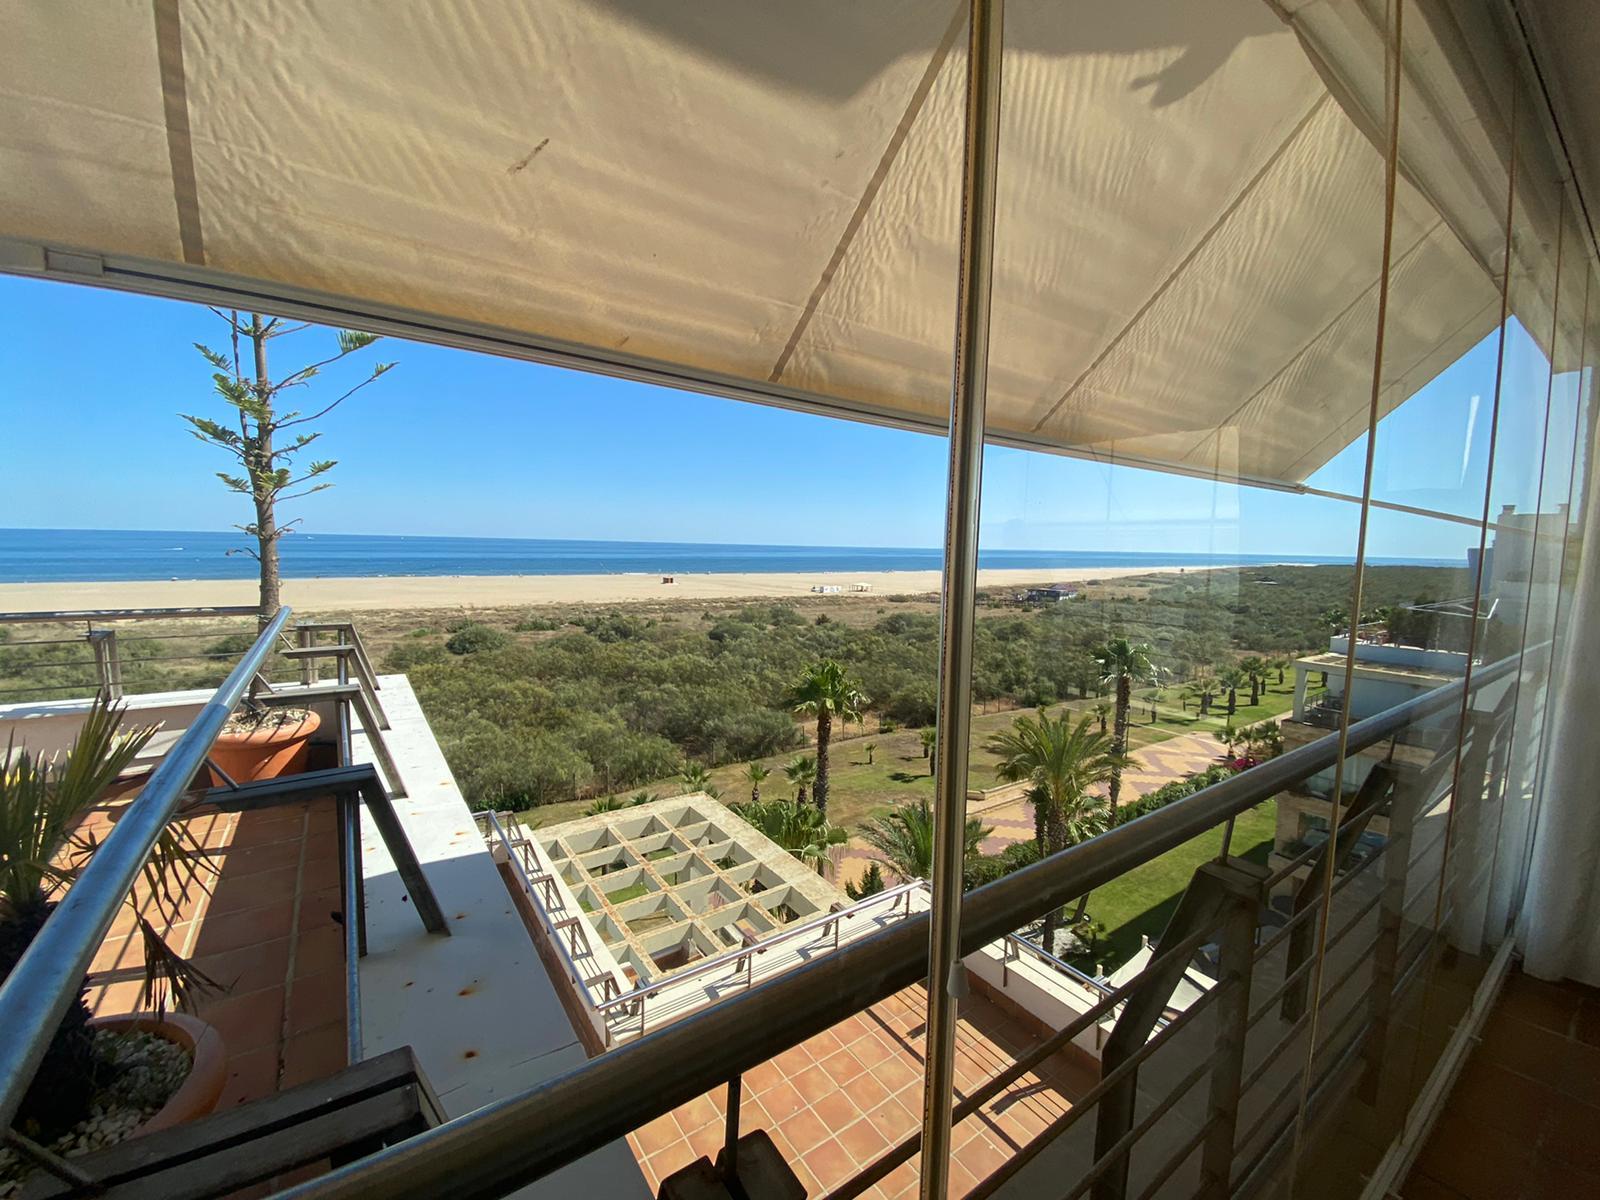 Imagen 20 del Apartamento Turístico, Ático 3 Levante, Frontal (4d+2b), Punta del Moral (HUELVA), Paseo de la Cruz nº22